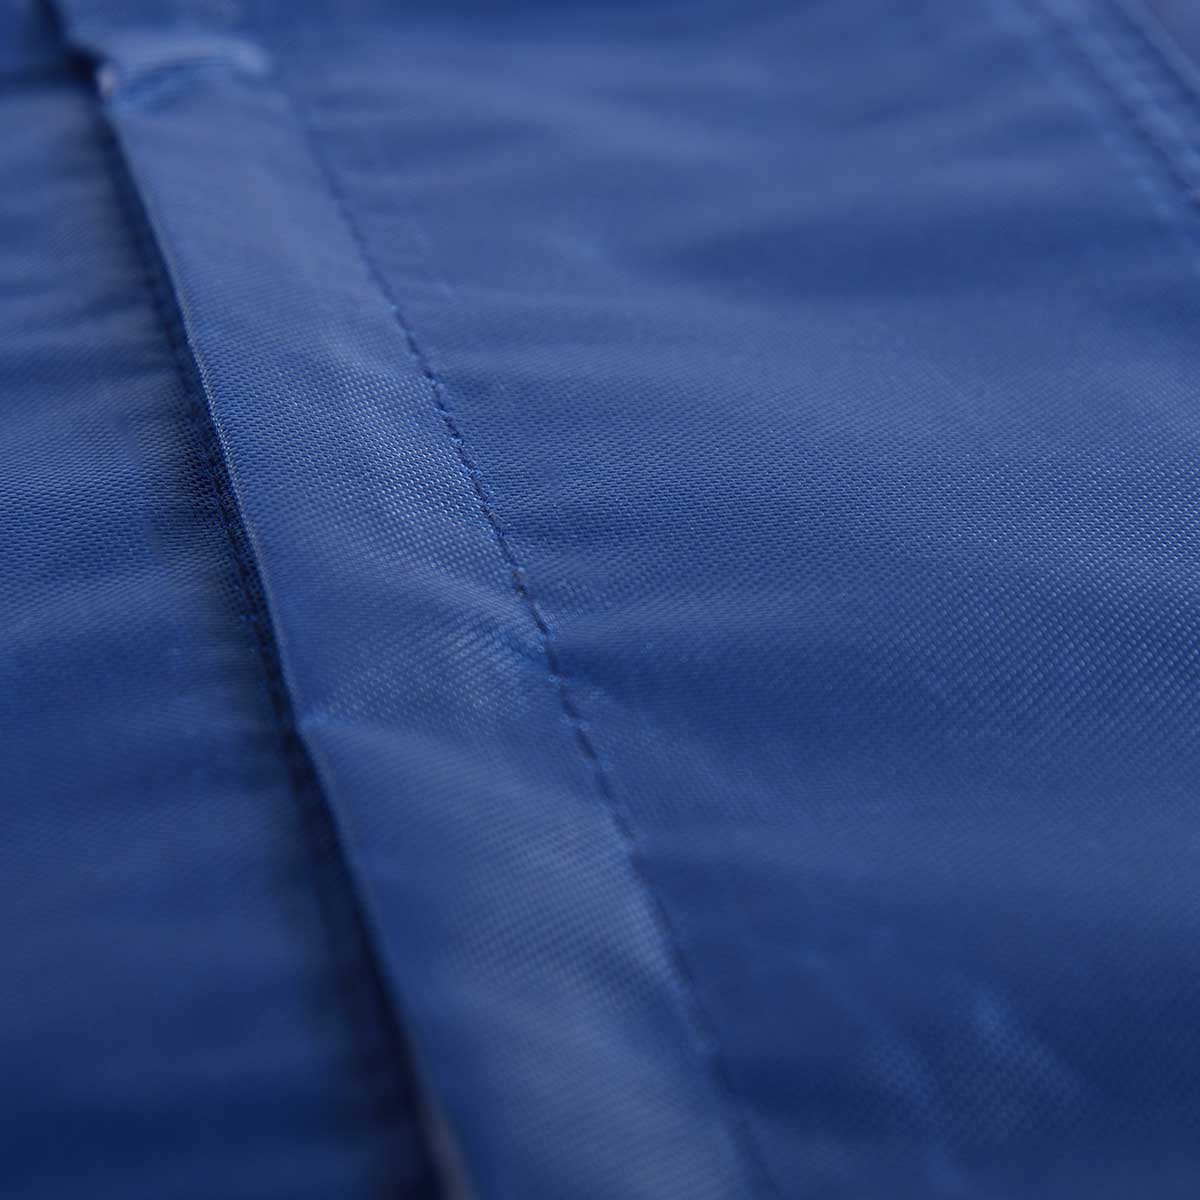 pouf géant extérieur BiG52 CLASSIC bleu marine